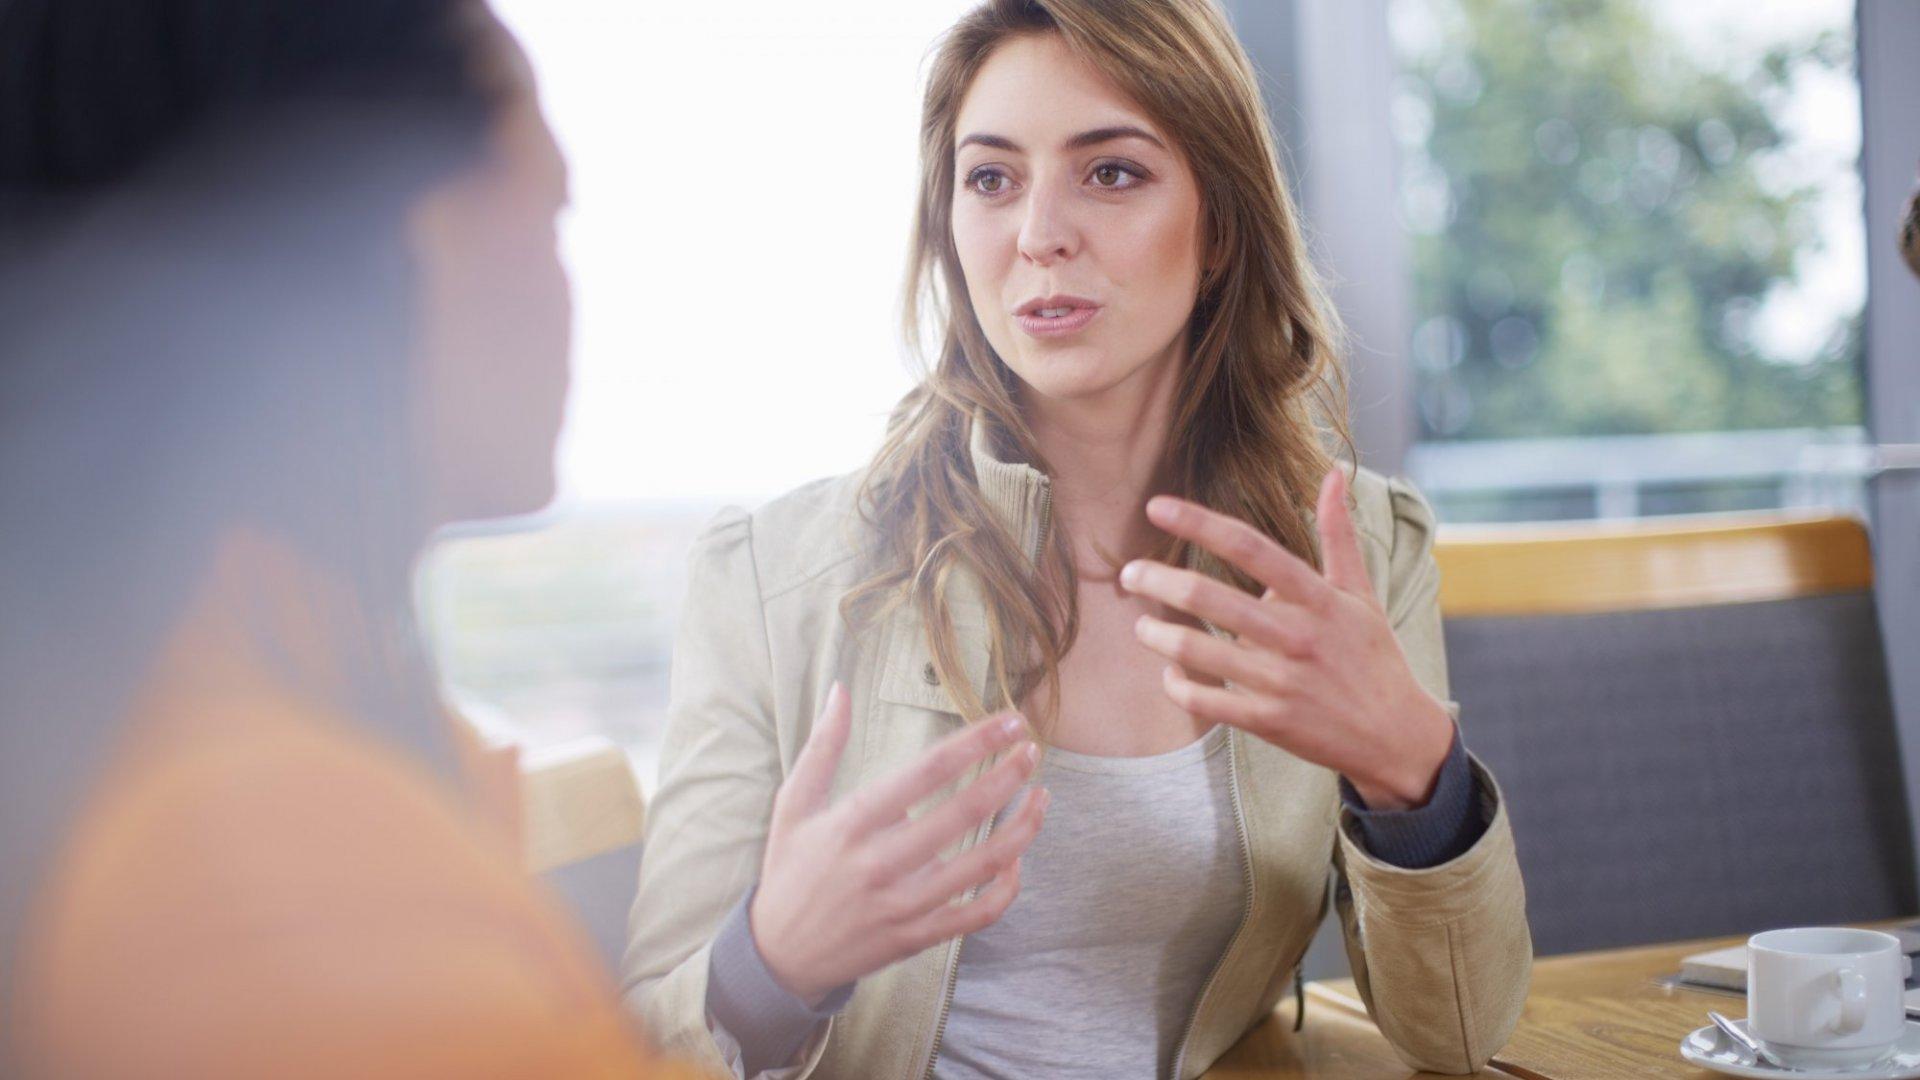 Why Women Entrepreneurs Need to Raise Their Prices